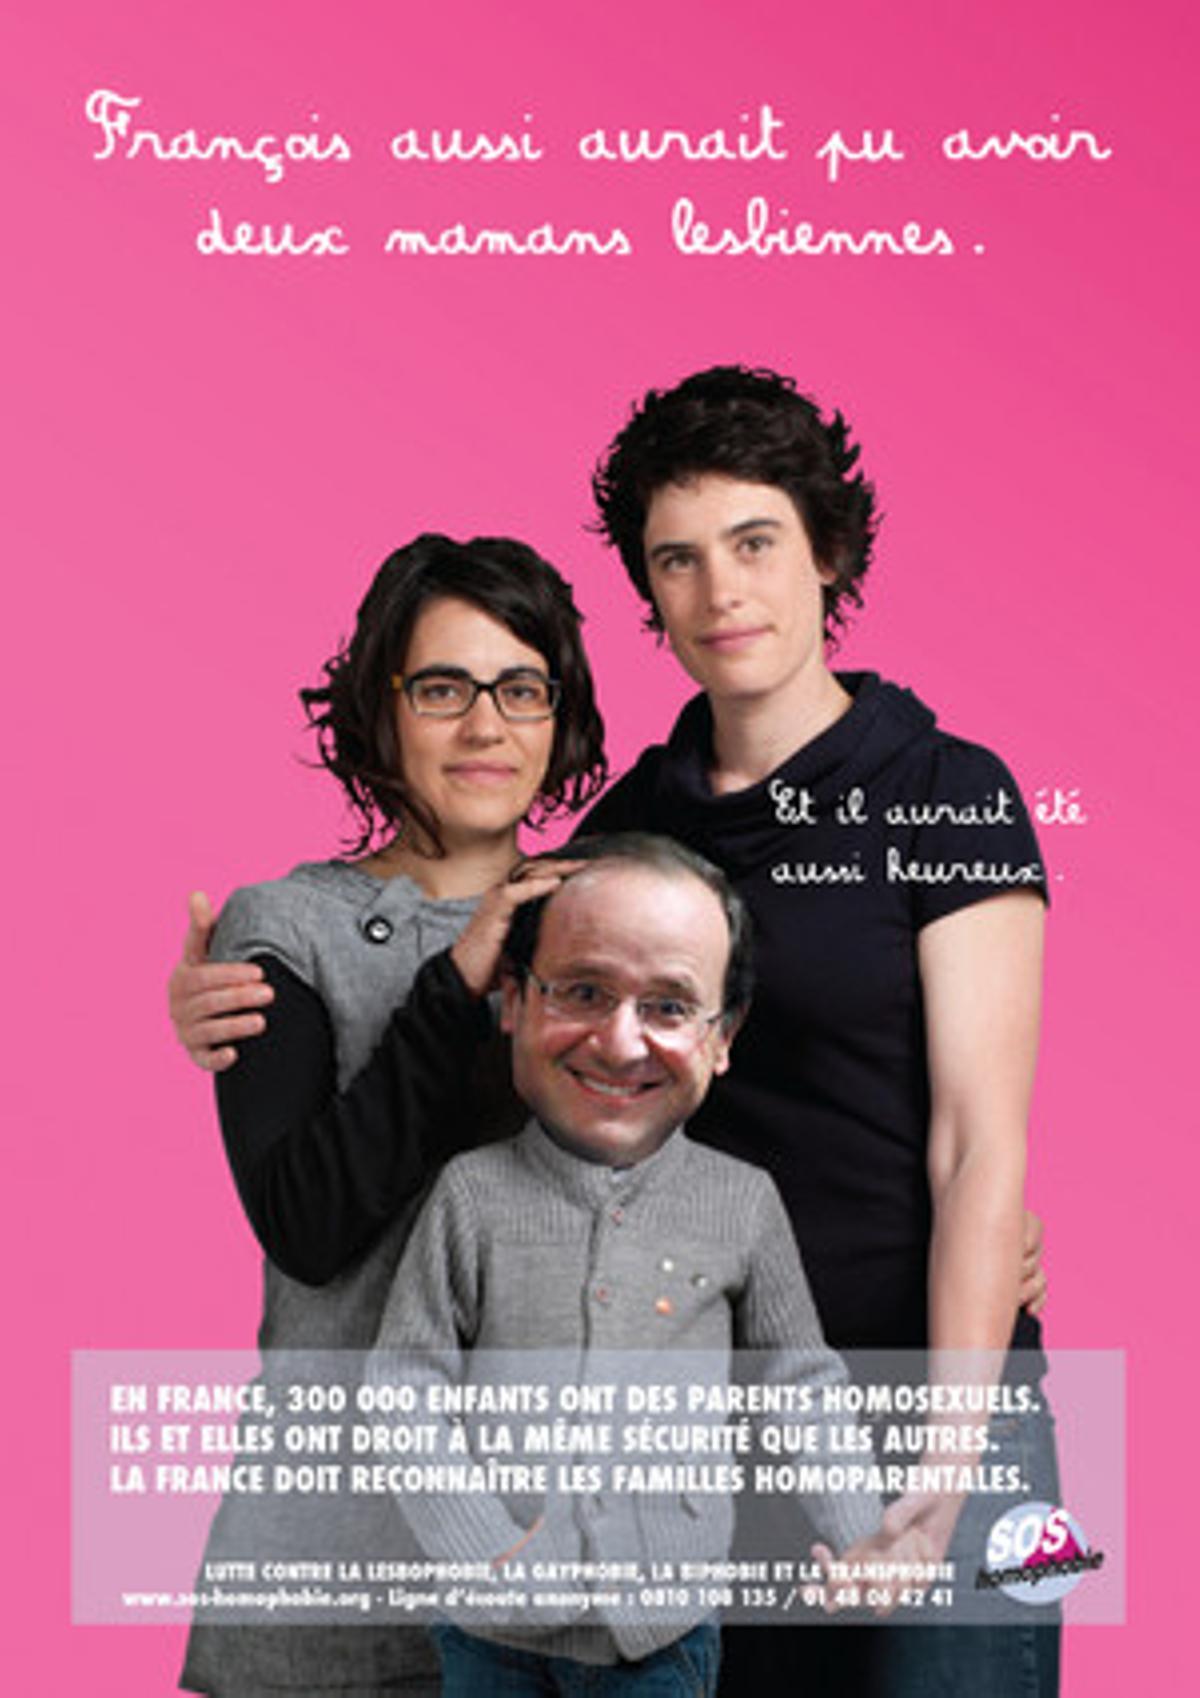 Hollande, en el cartel de la oenegé.